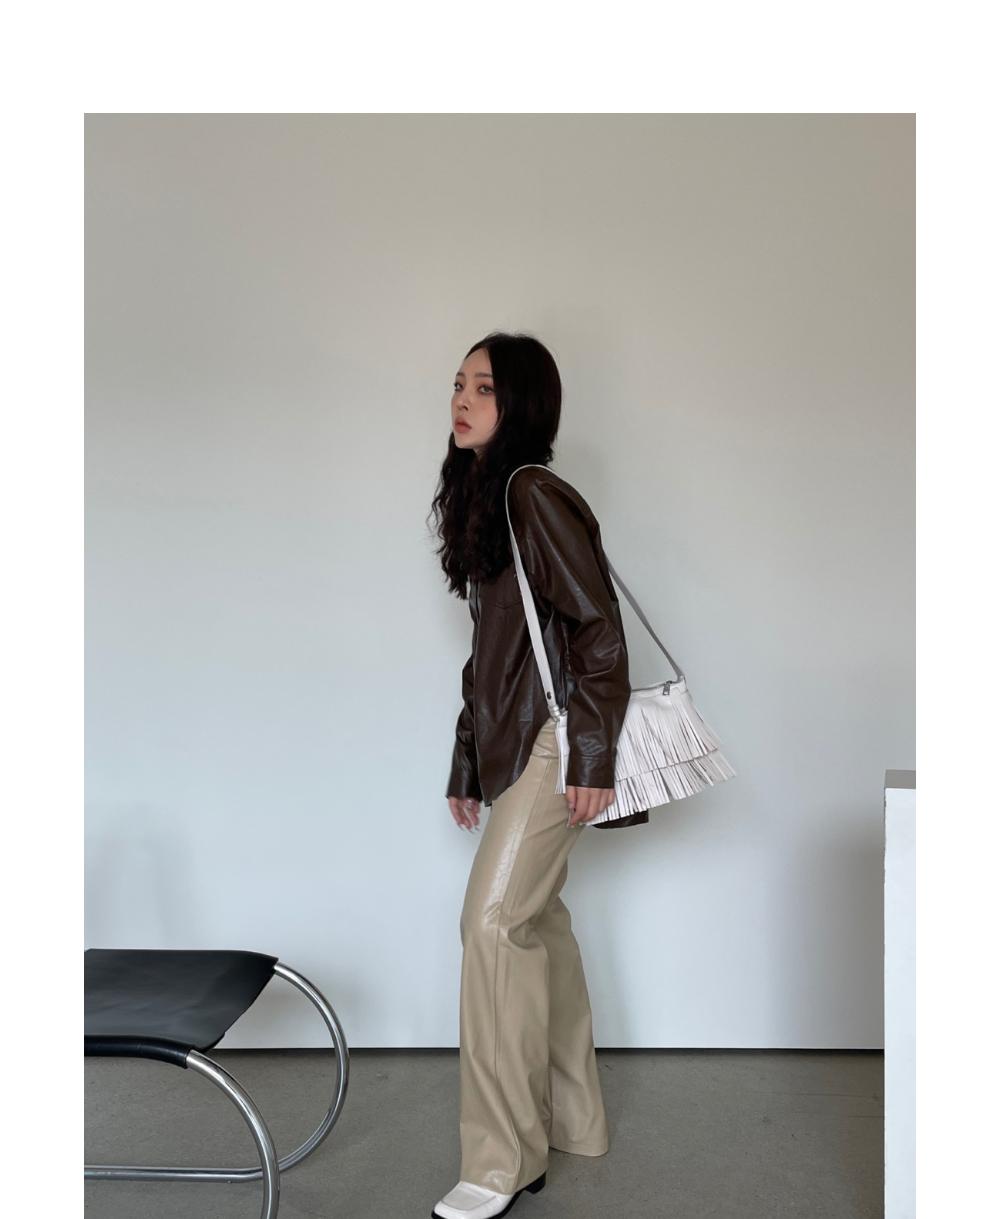 드레스 모델 착용 이미지-S2L5